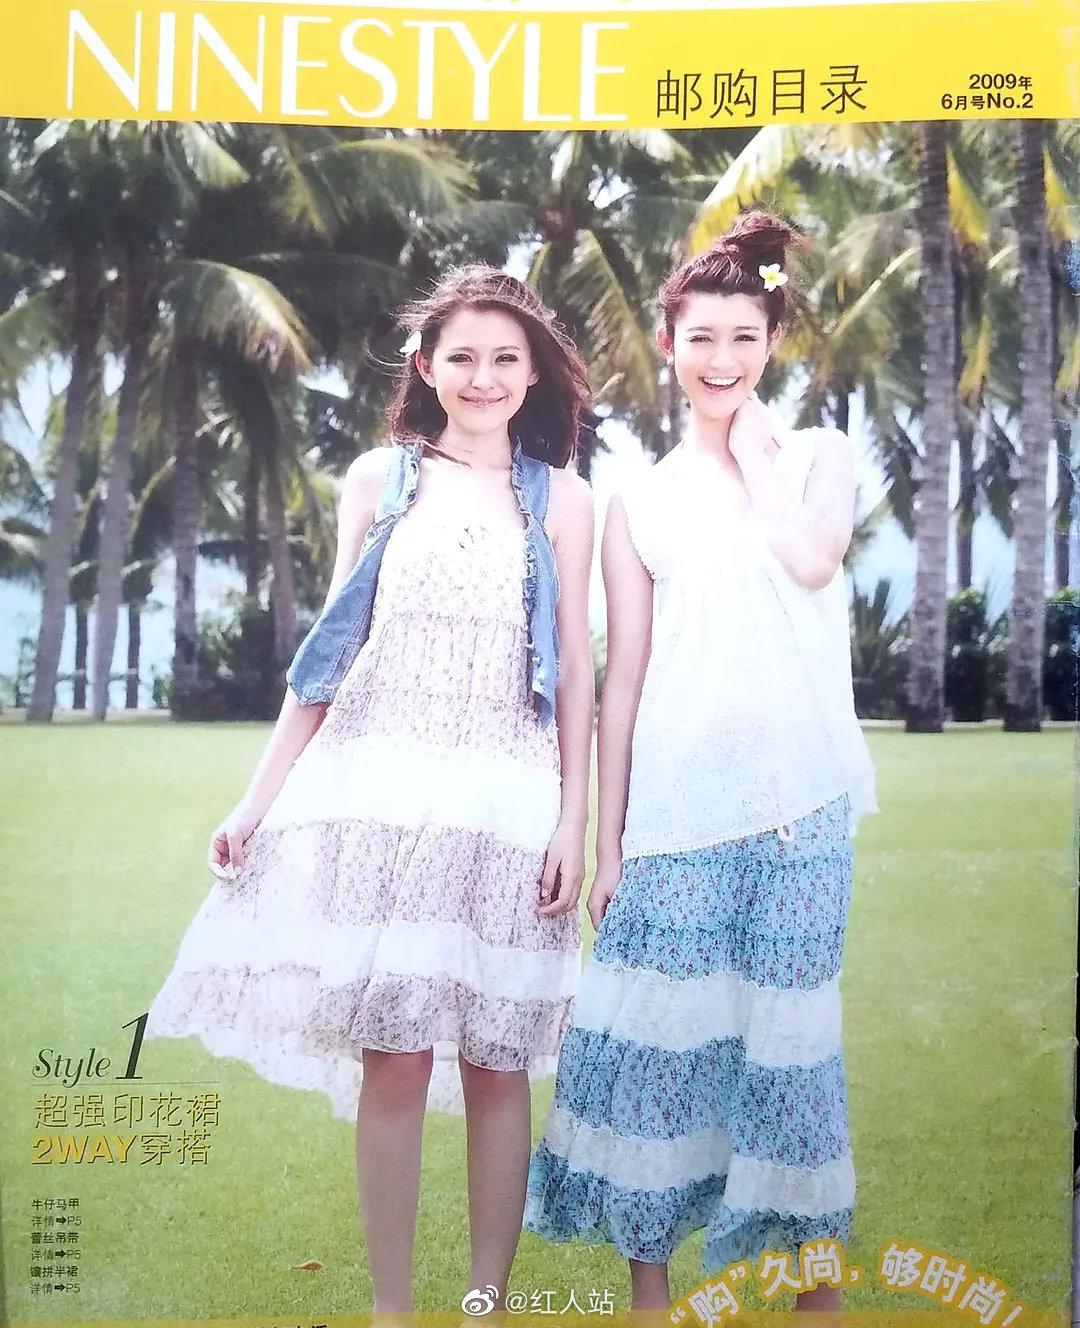 11年前的张大奕与热依扎一起当模特为杂志拍硬照